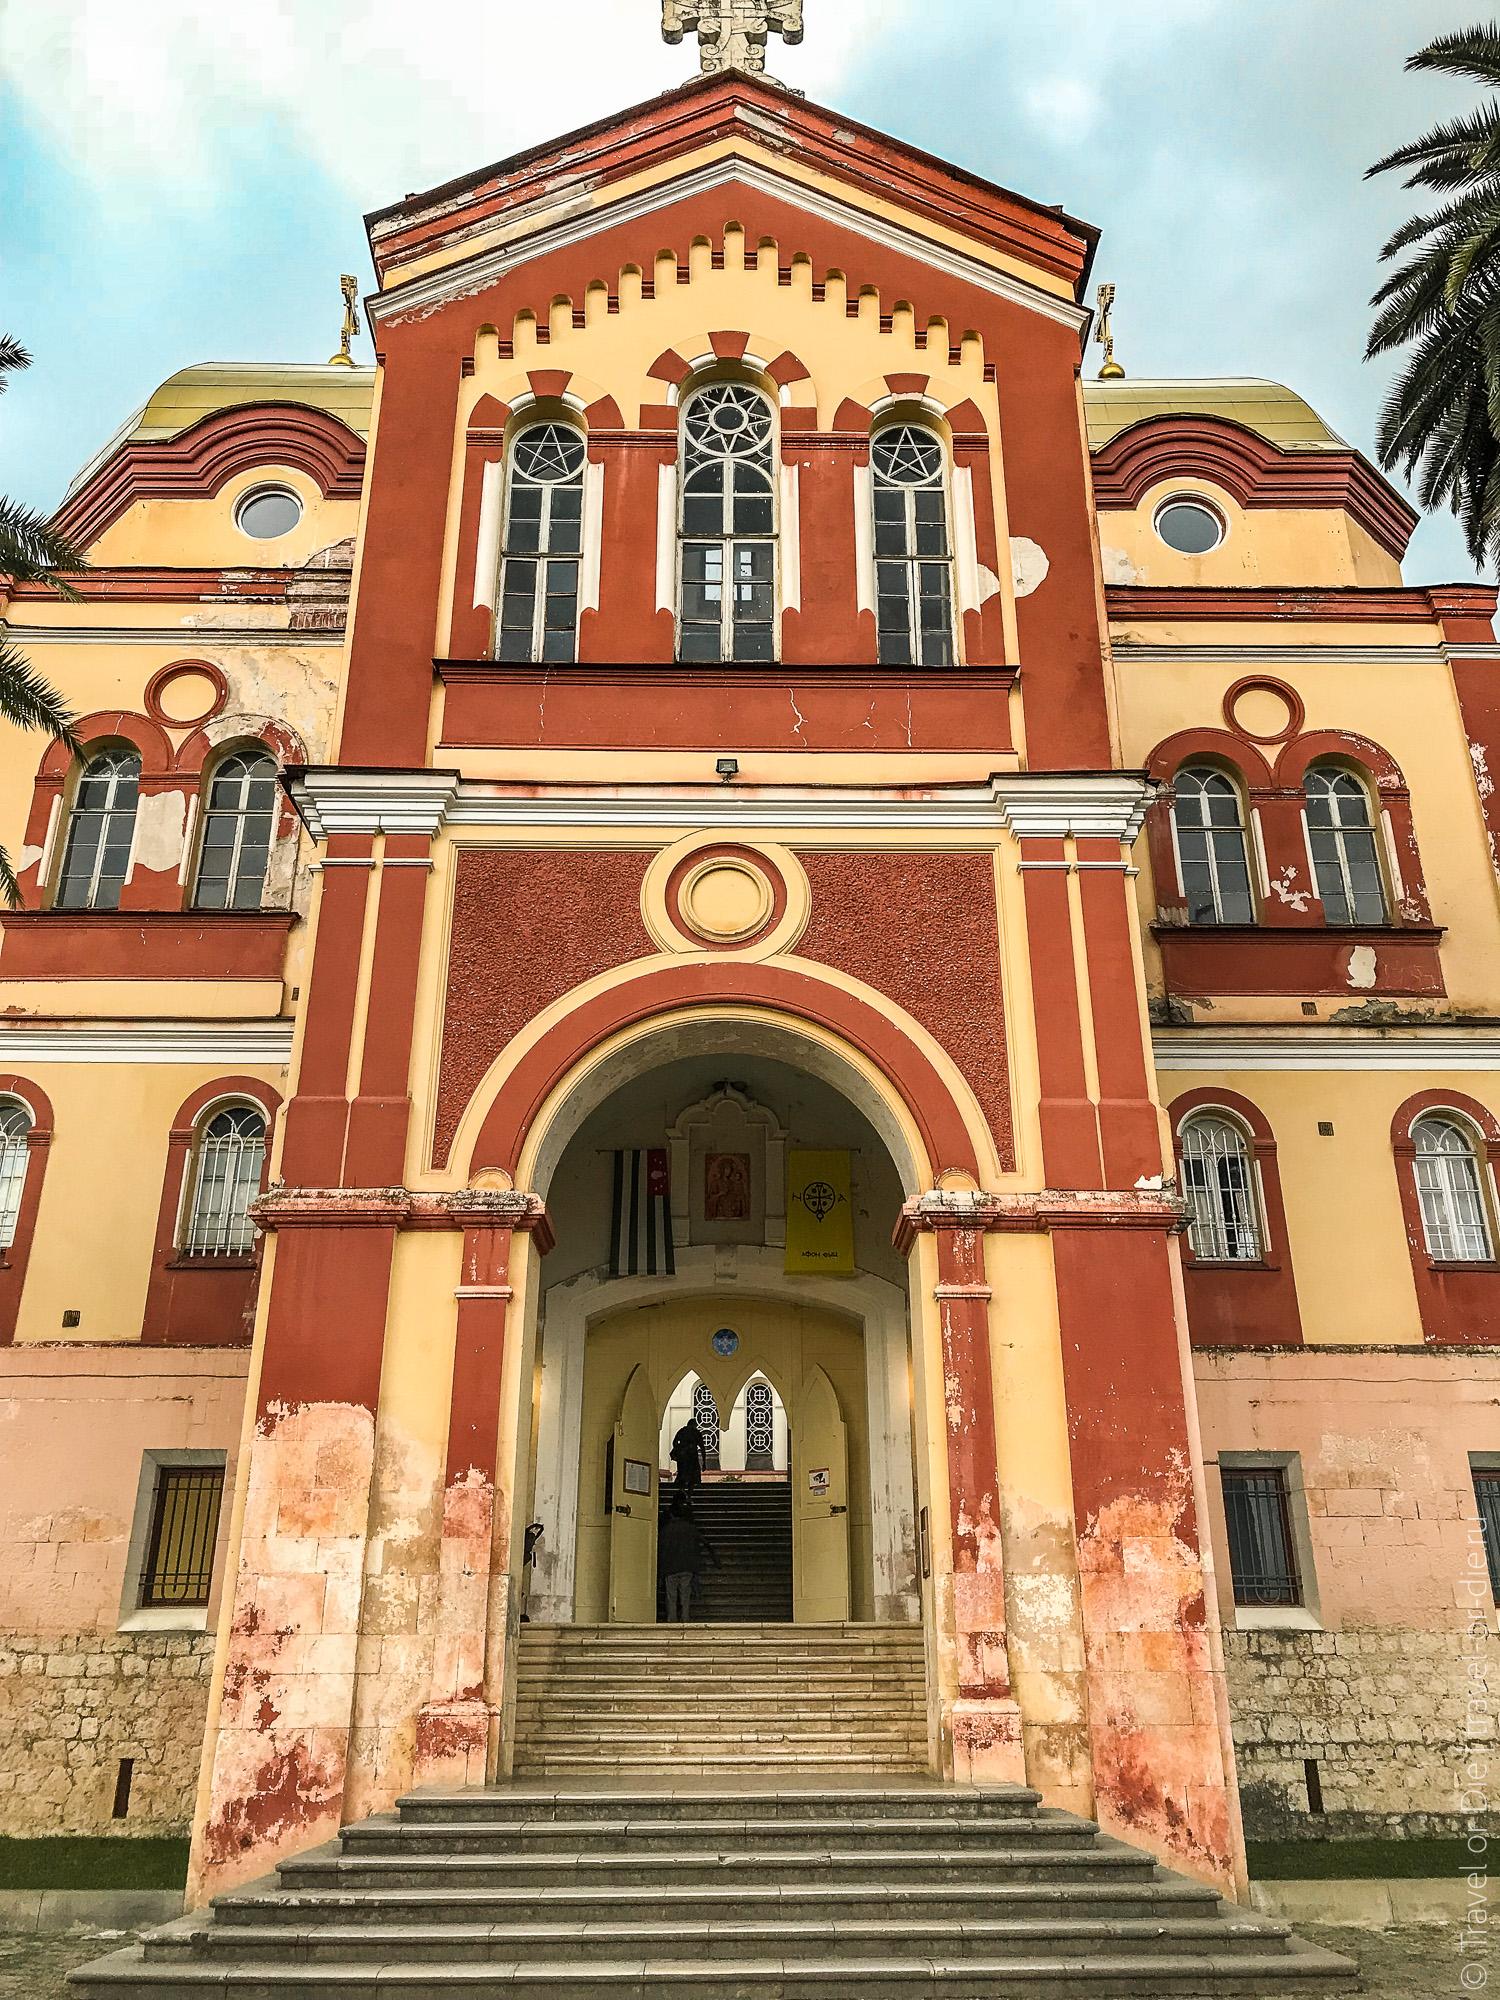 Новоафонский-монастырь-New-Athos-Monastery-Abkhazia-7893